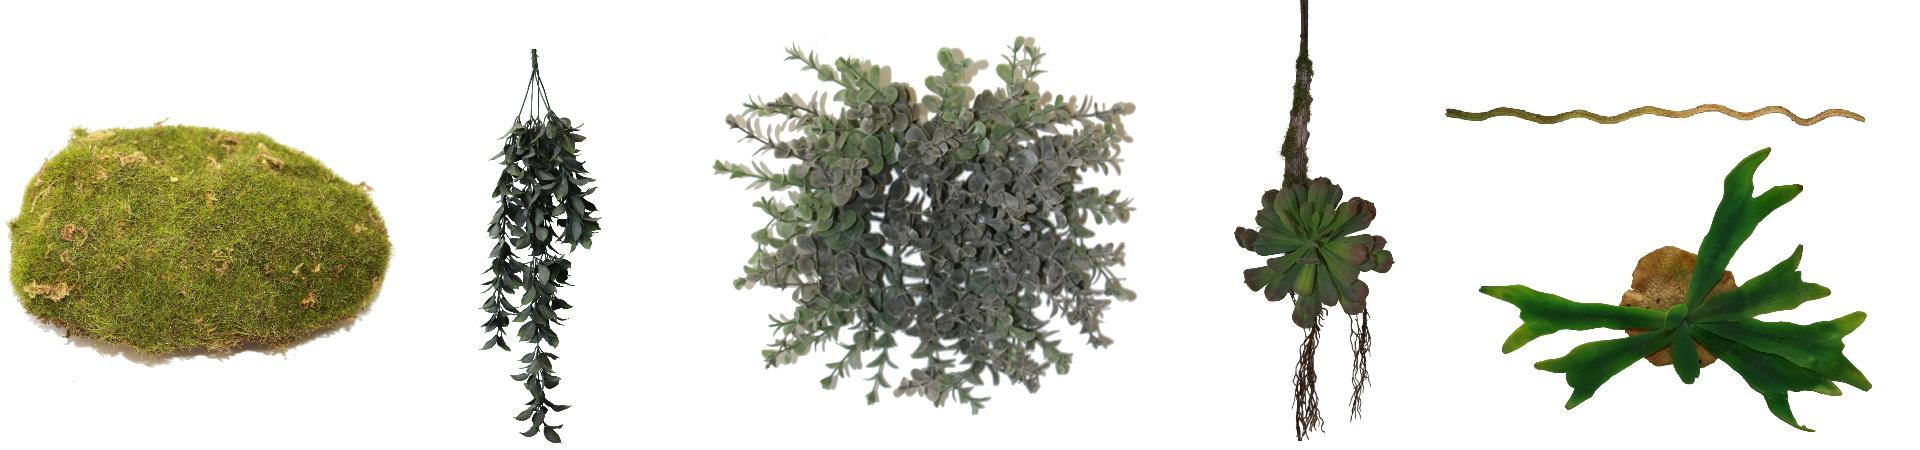 Plantes suspendues et lianes